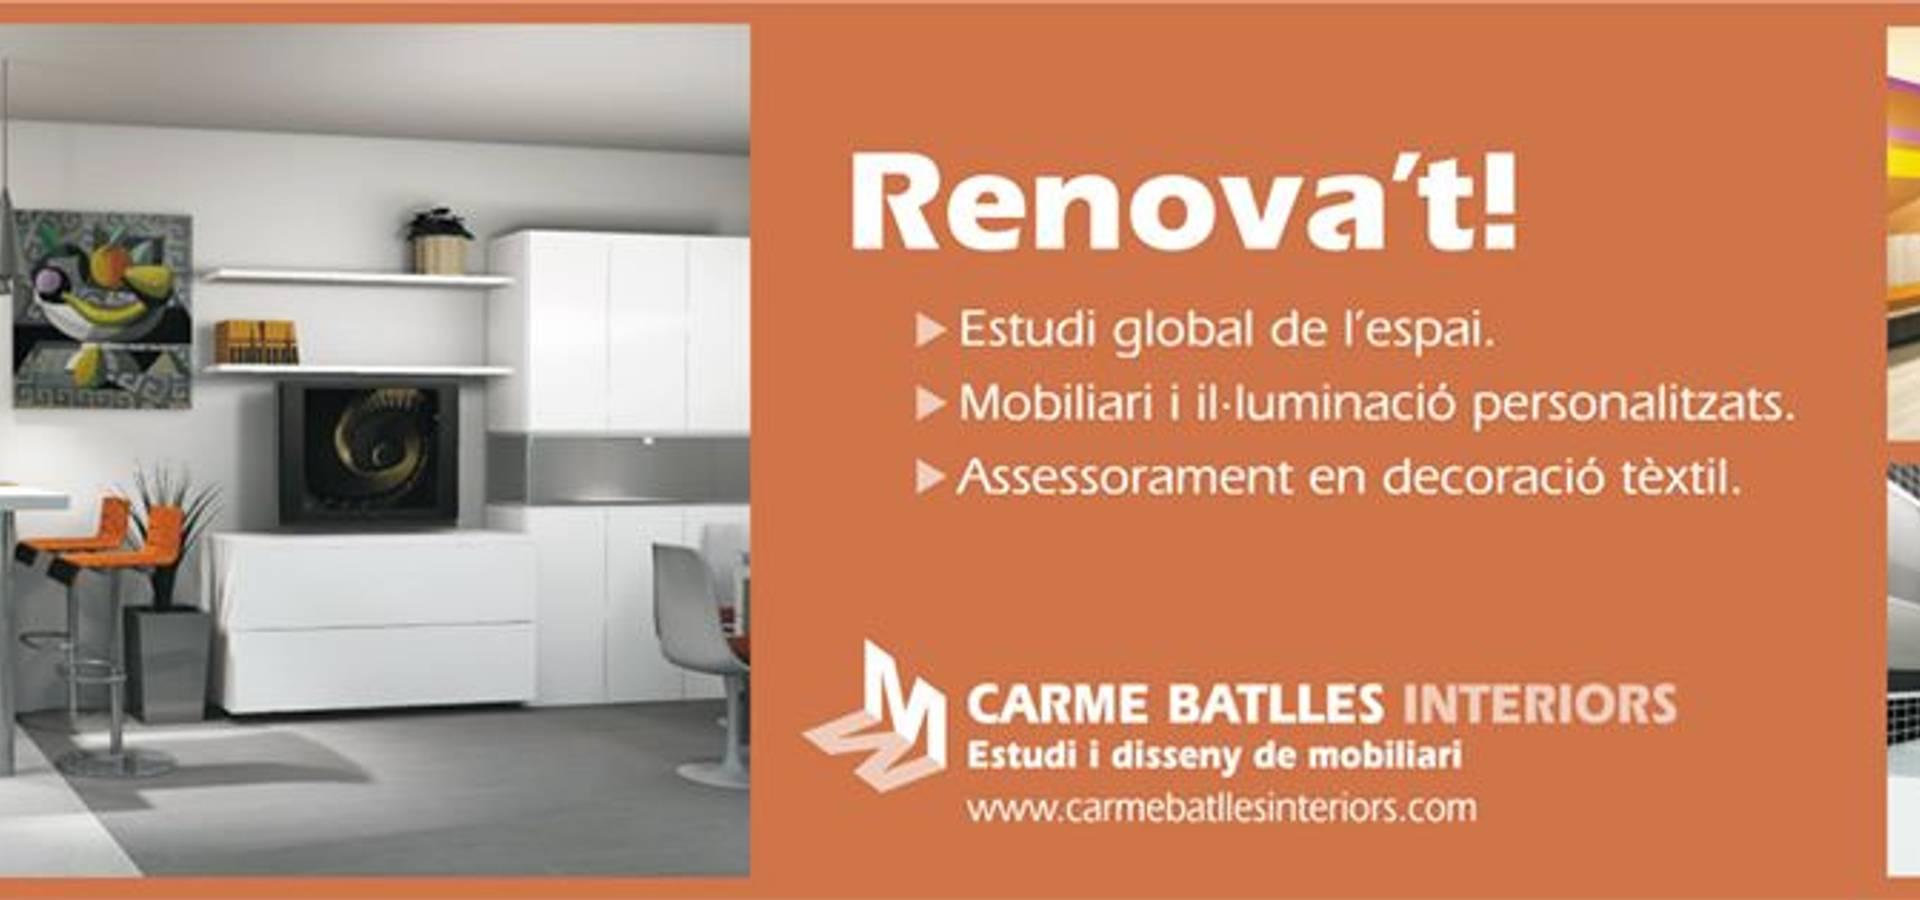 estudi i disseny de mobiliari